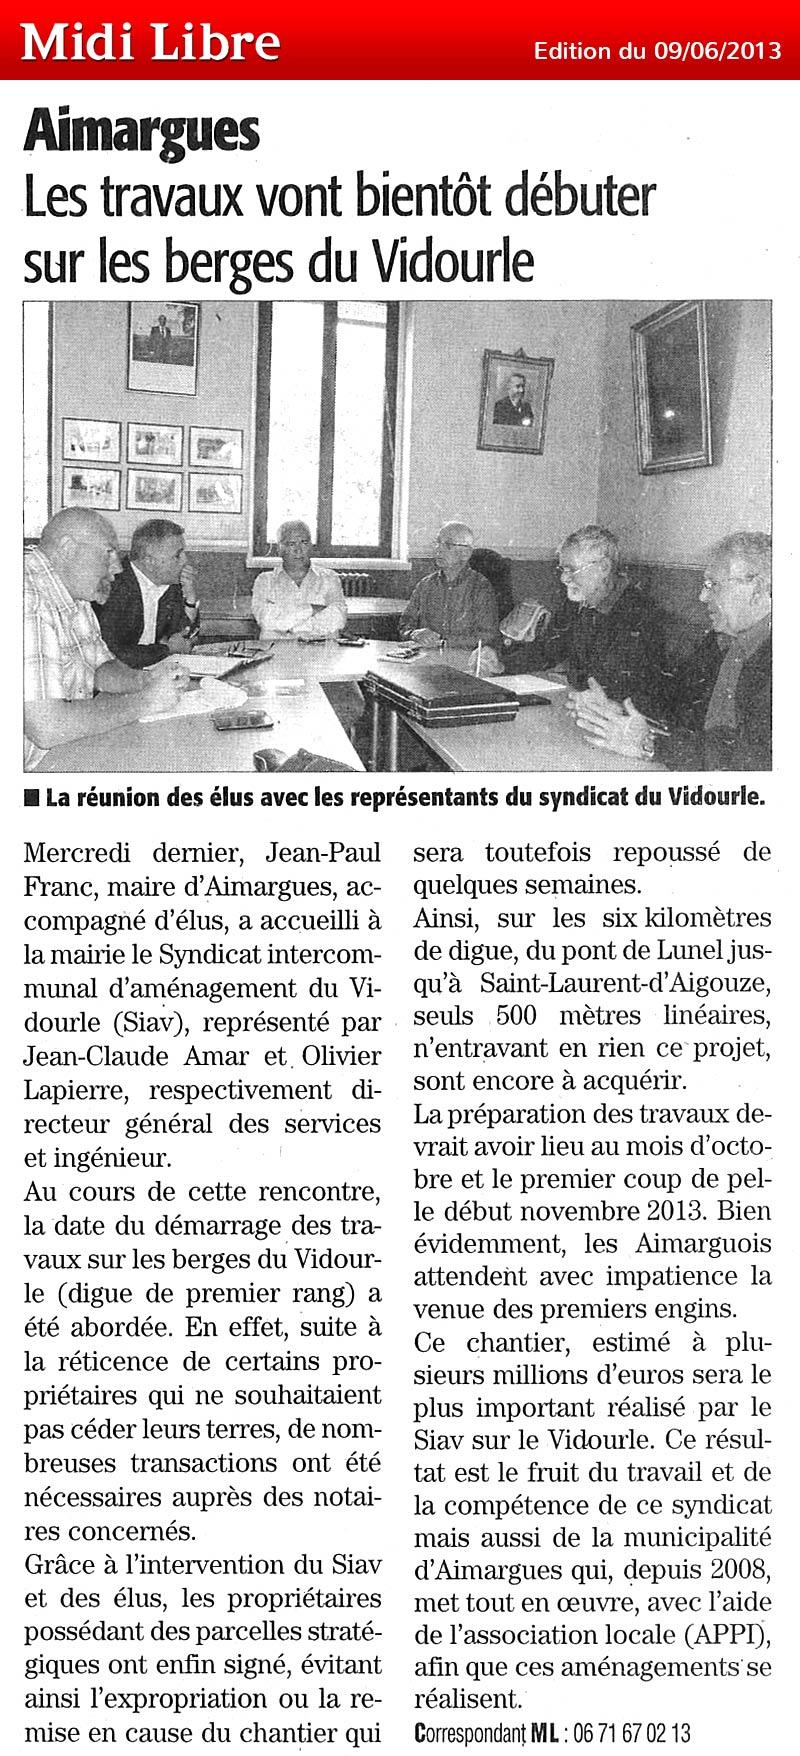 Midi Libre du 09/06/2013 – Lancement des travaux à Aimargues